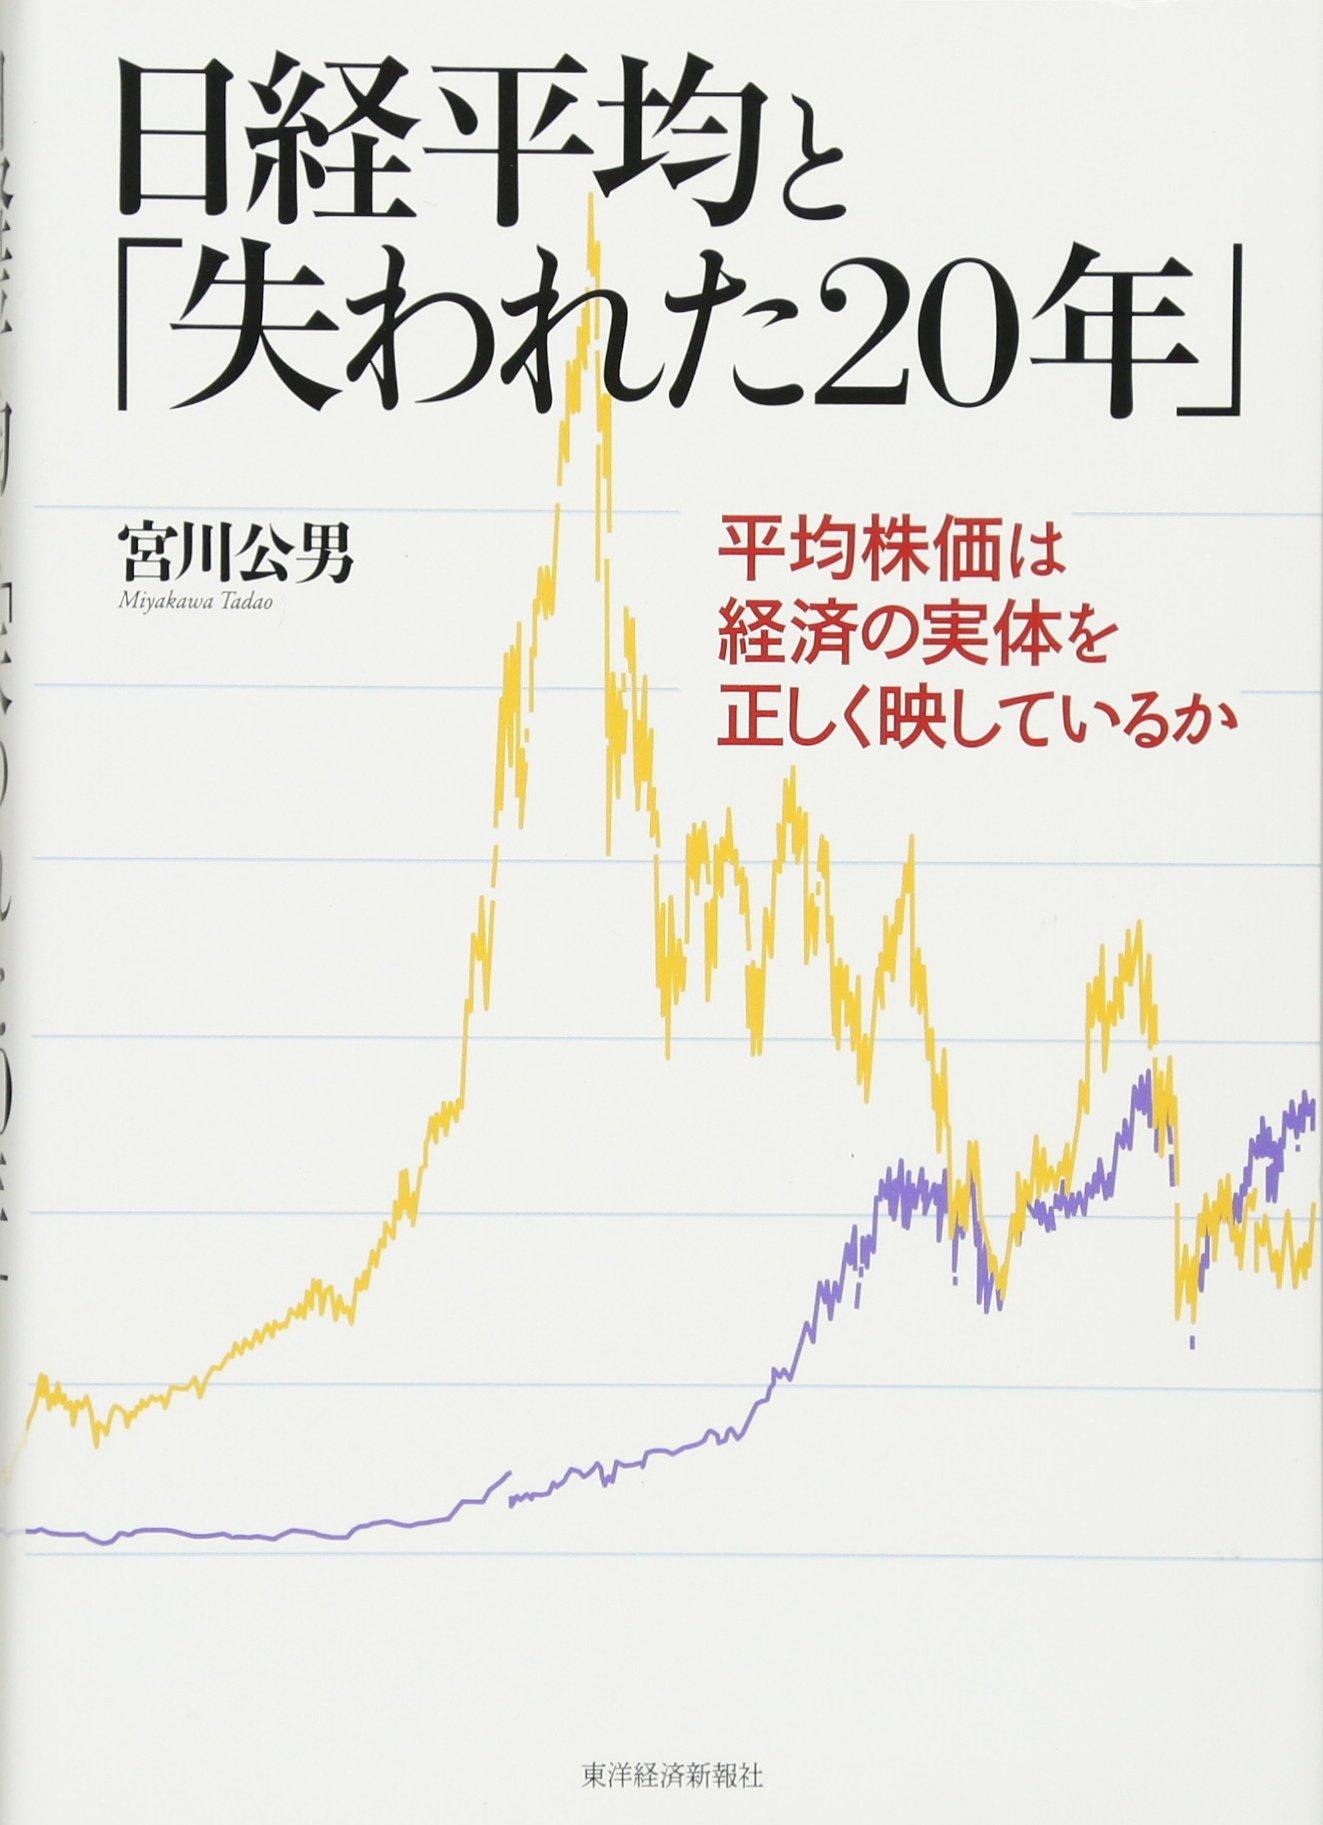 平均 日経 株価